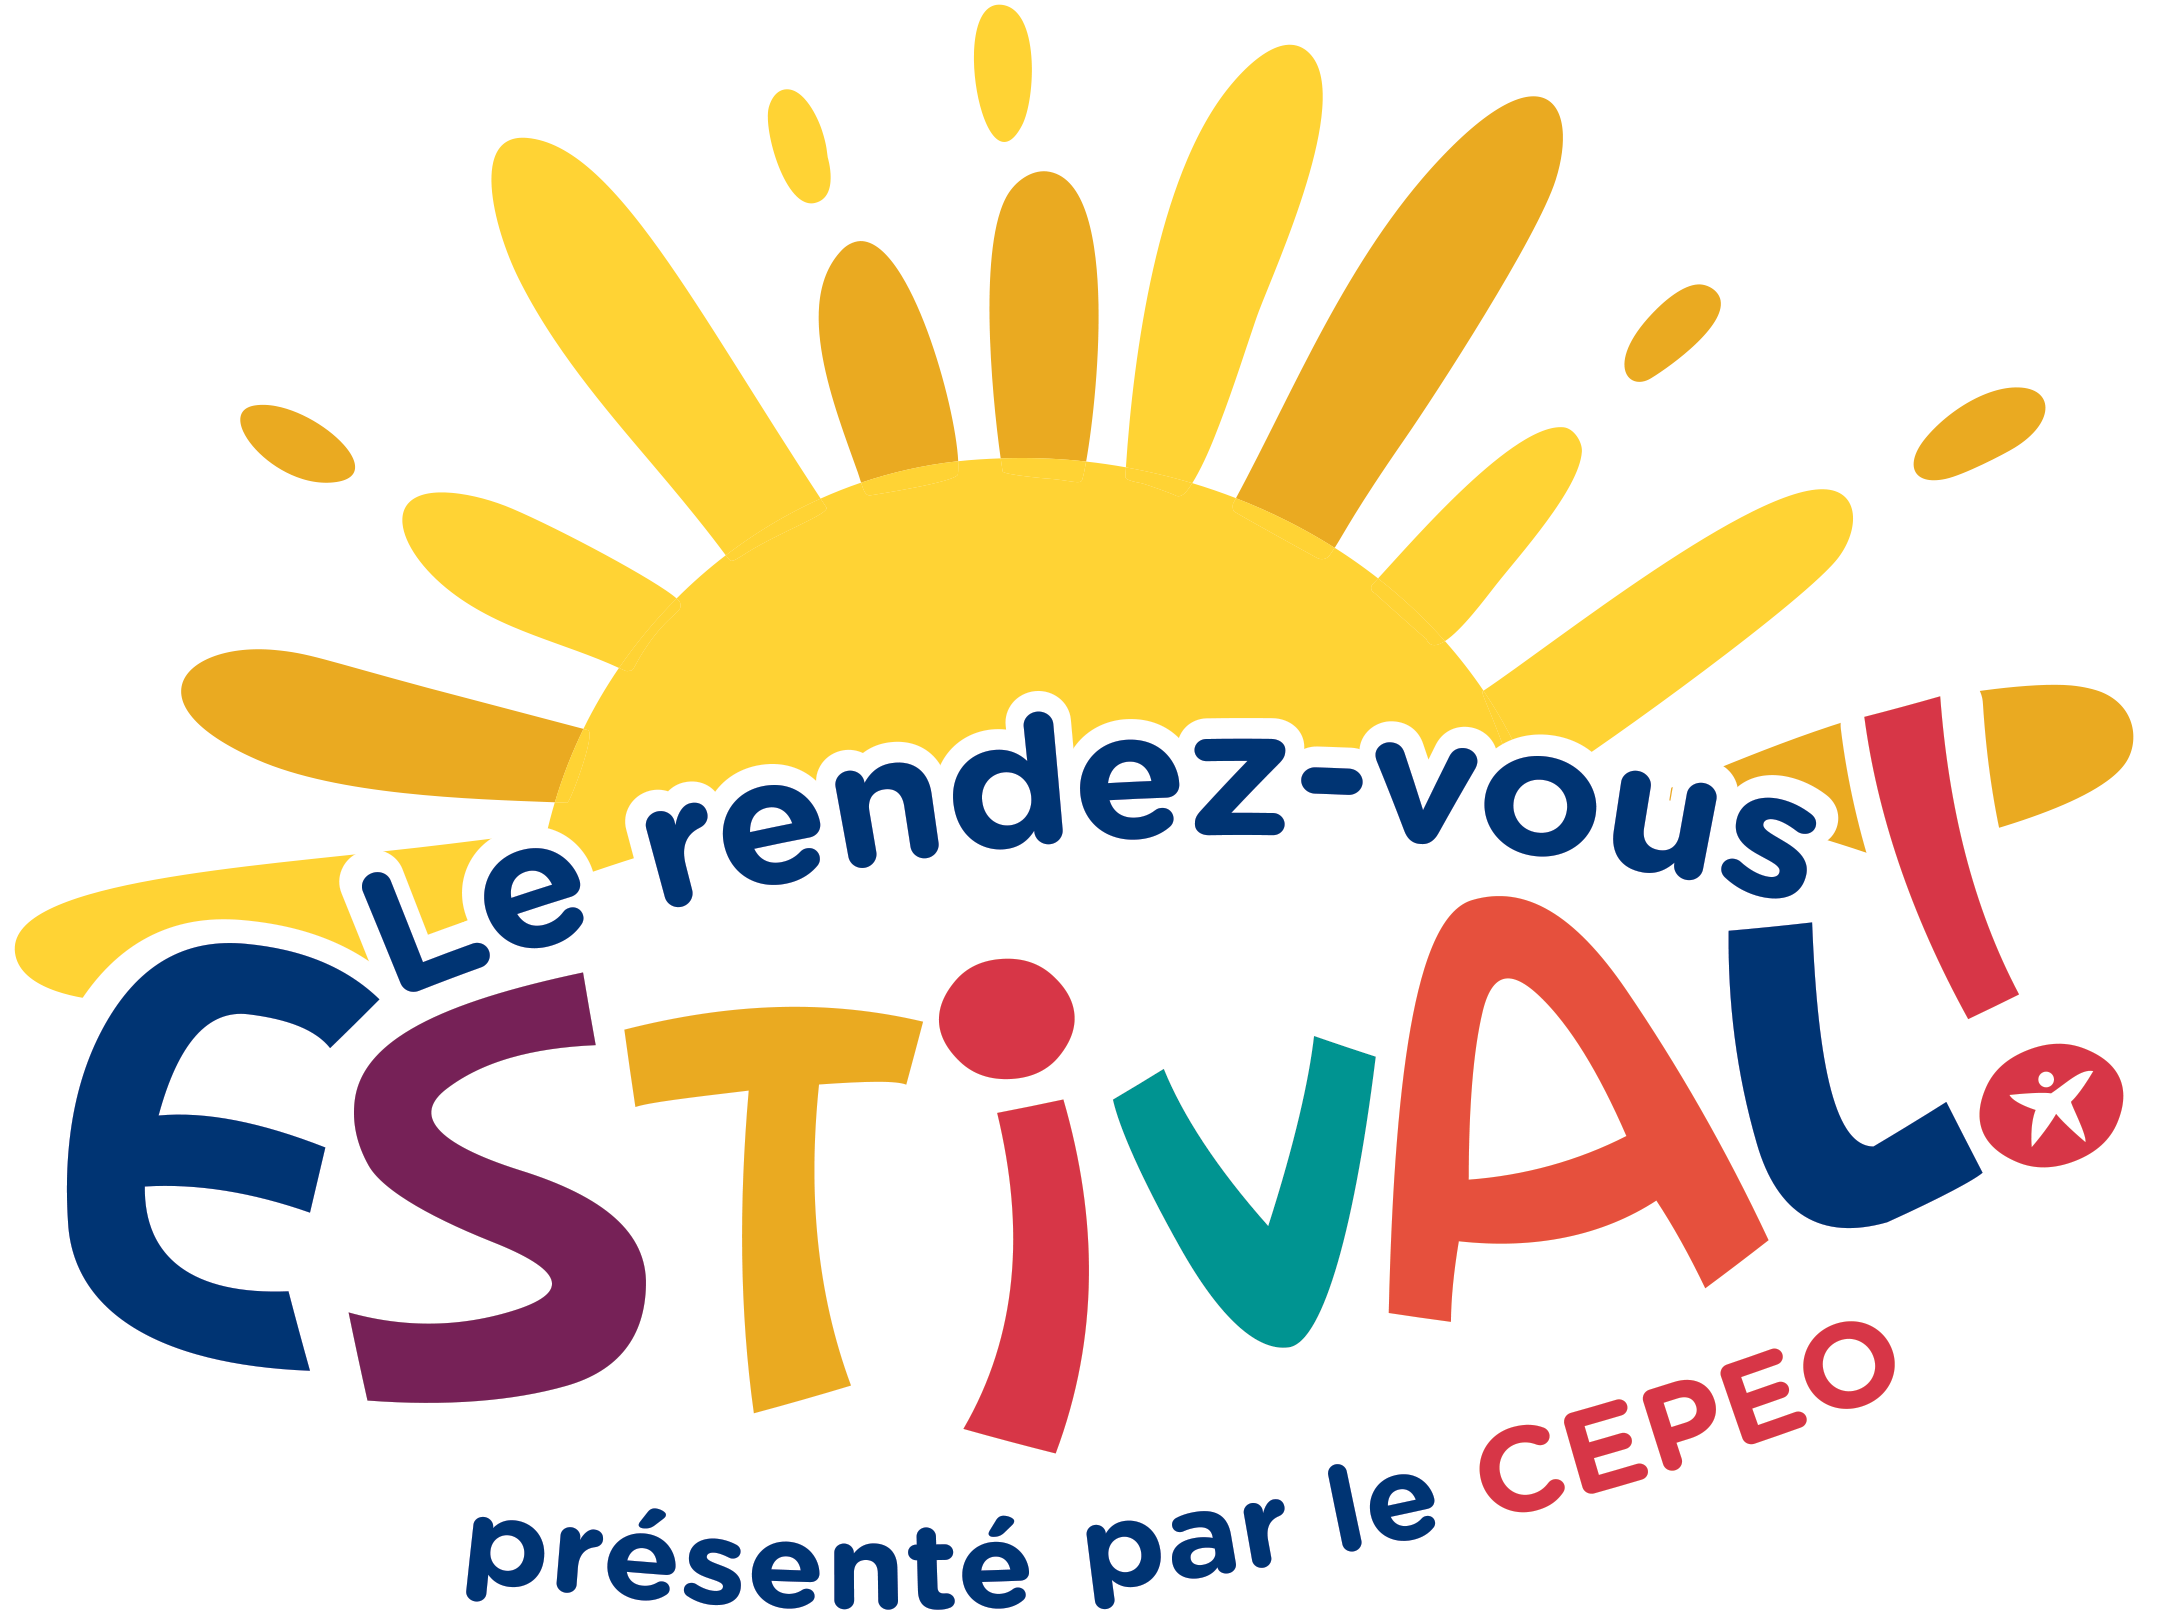 Logo Le rendez-vous estival! présenté par le CEPEO